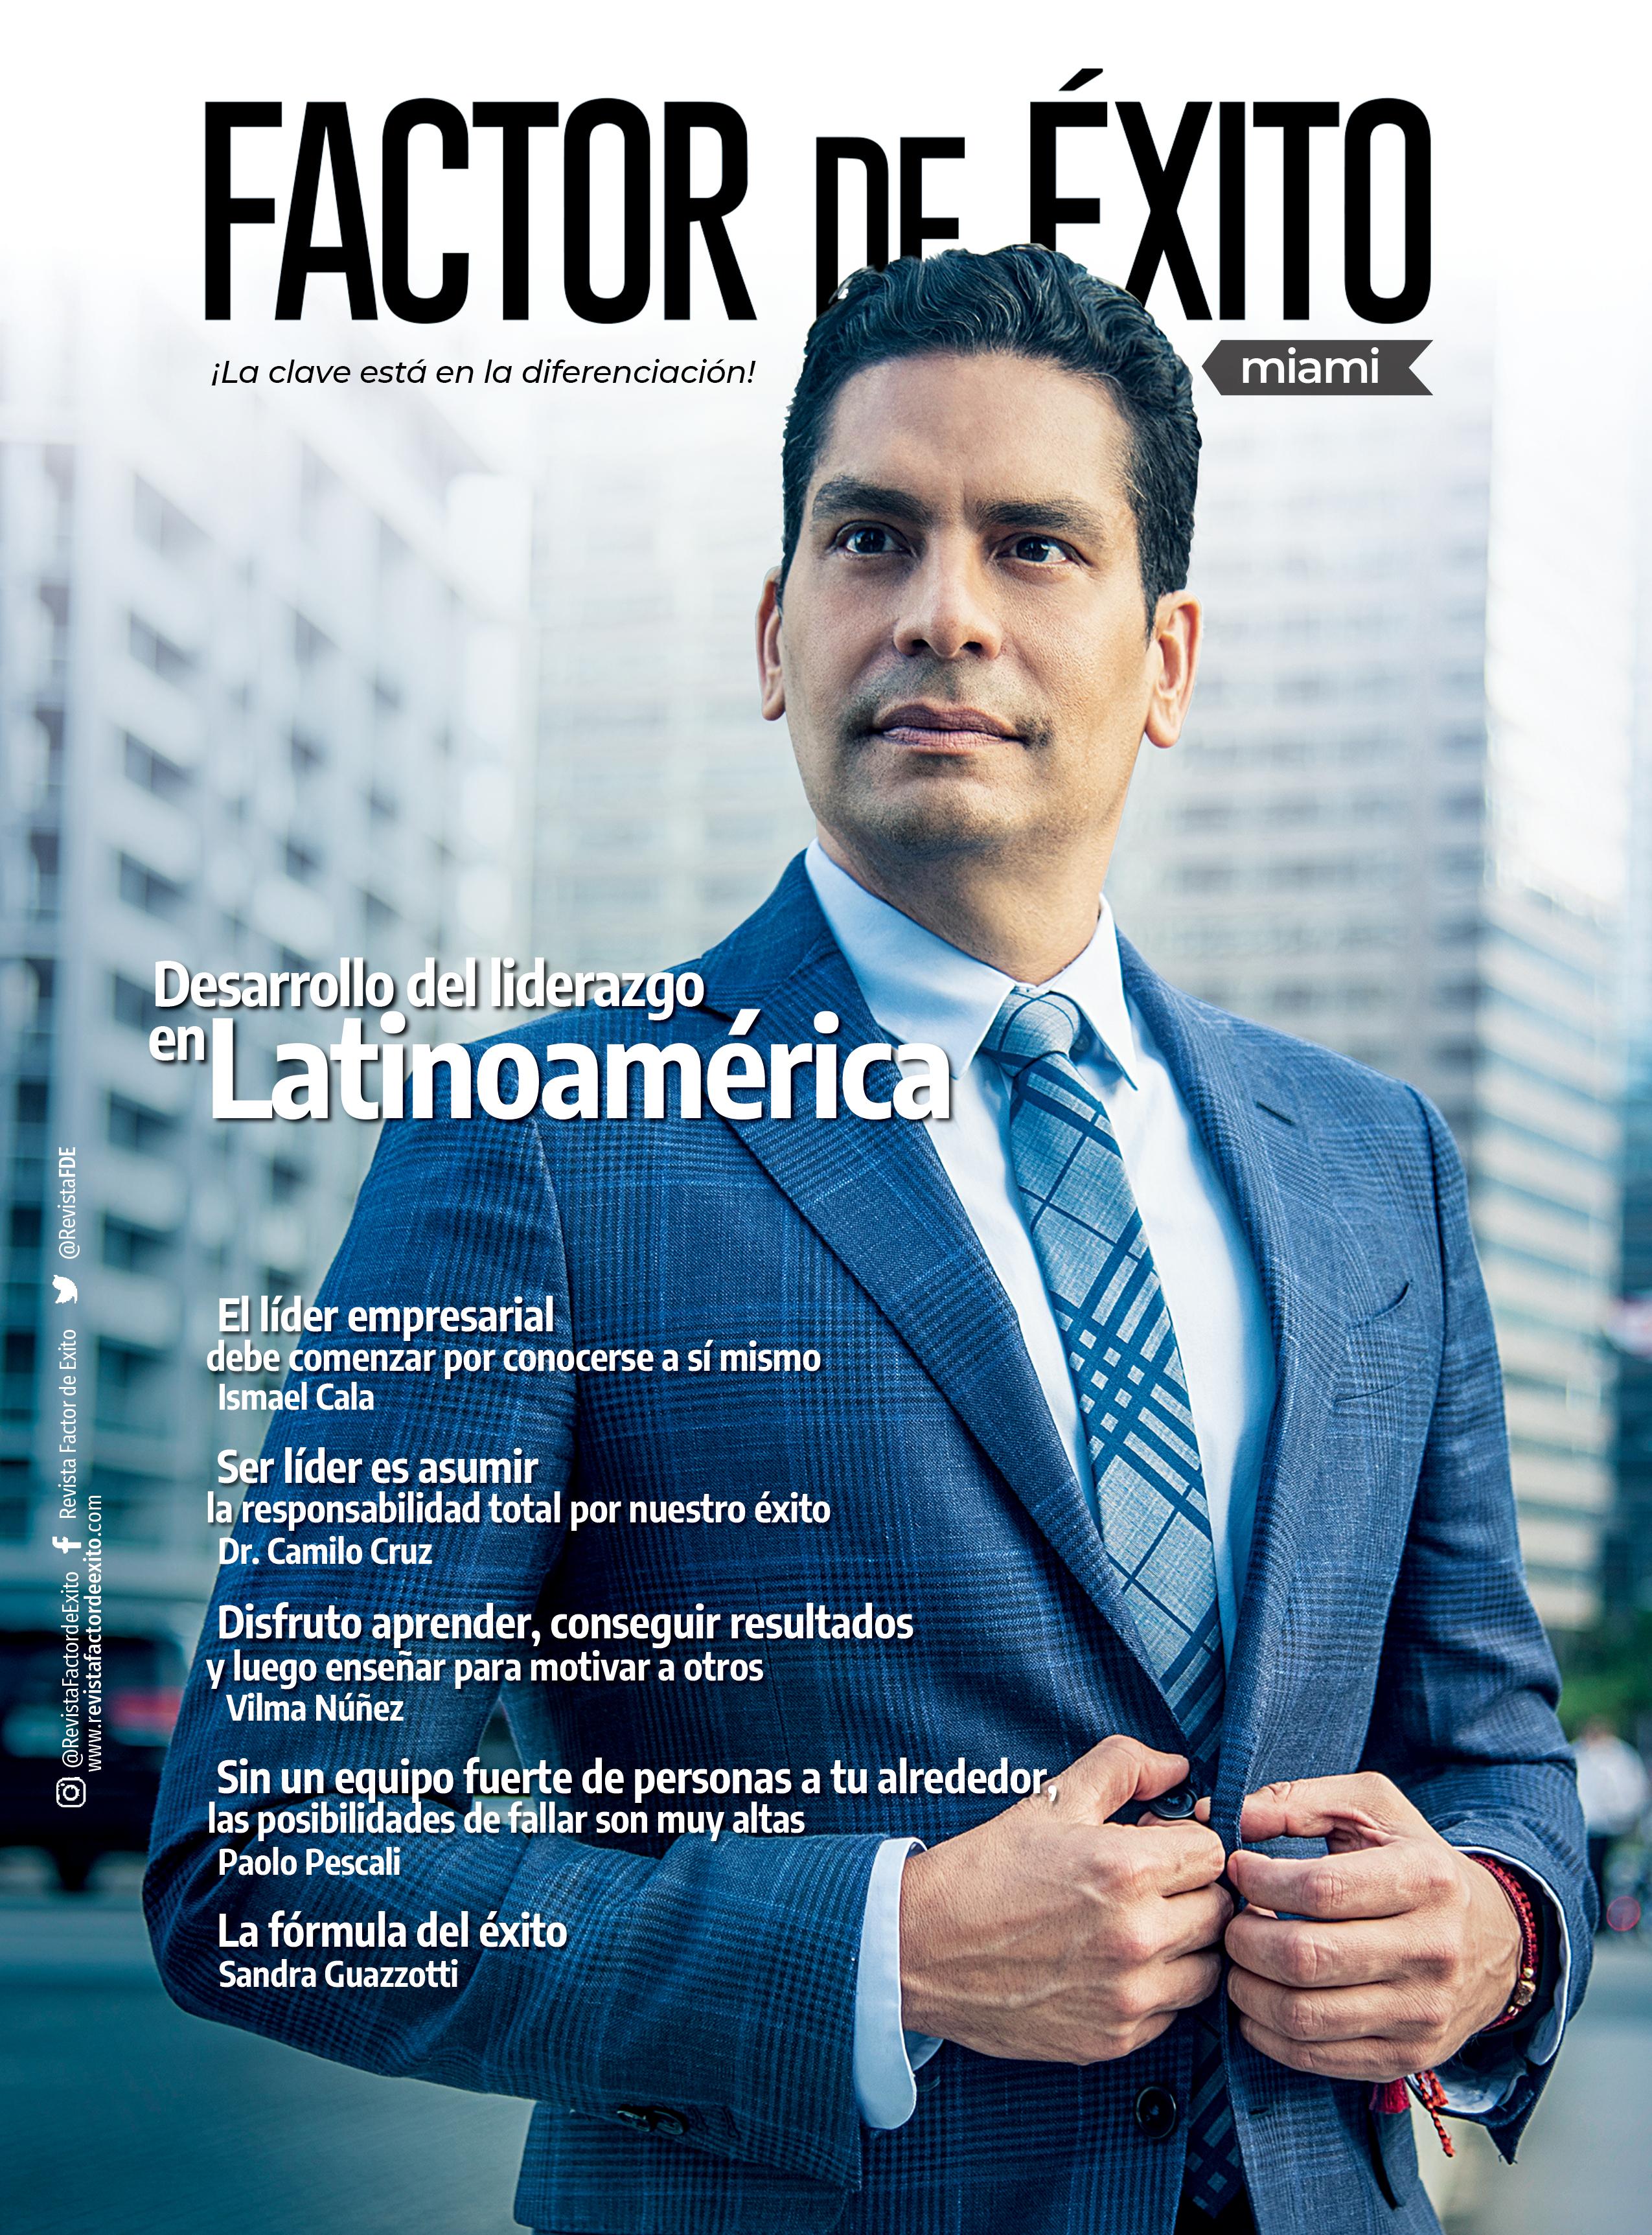 MIAMI  edición#1 Revista Factor de Éxito